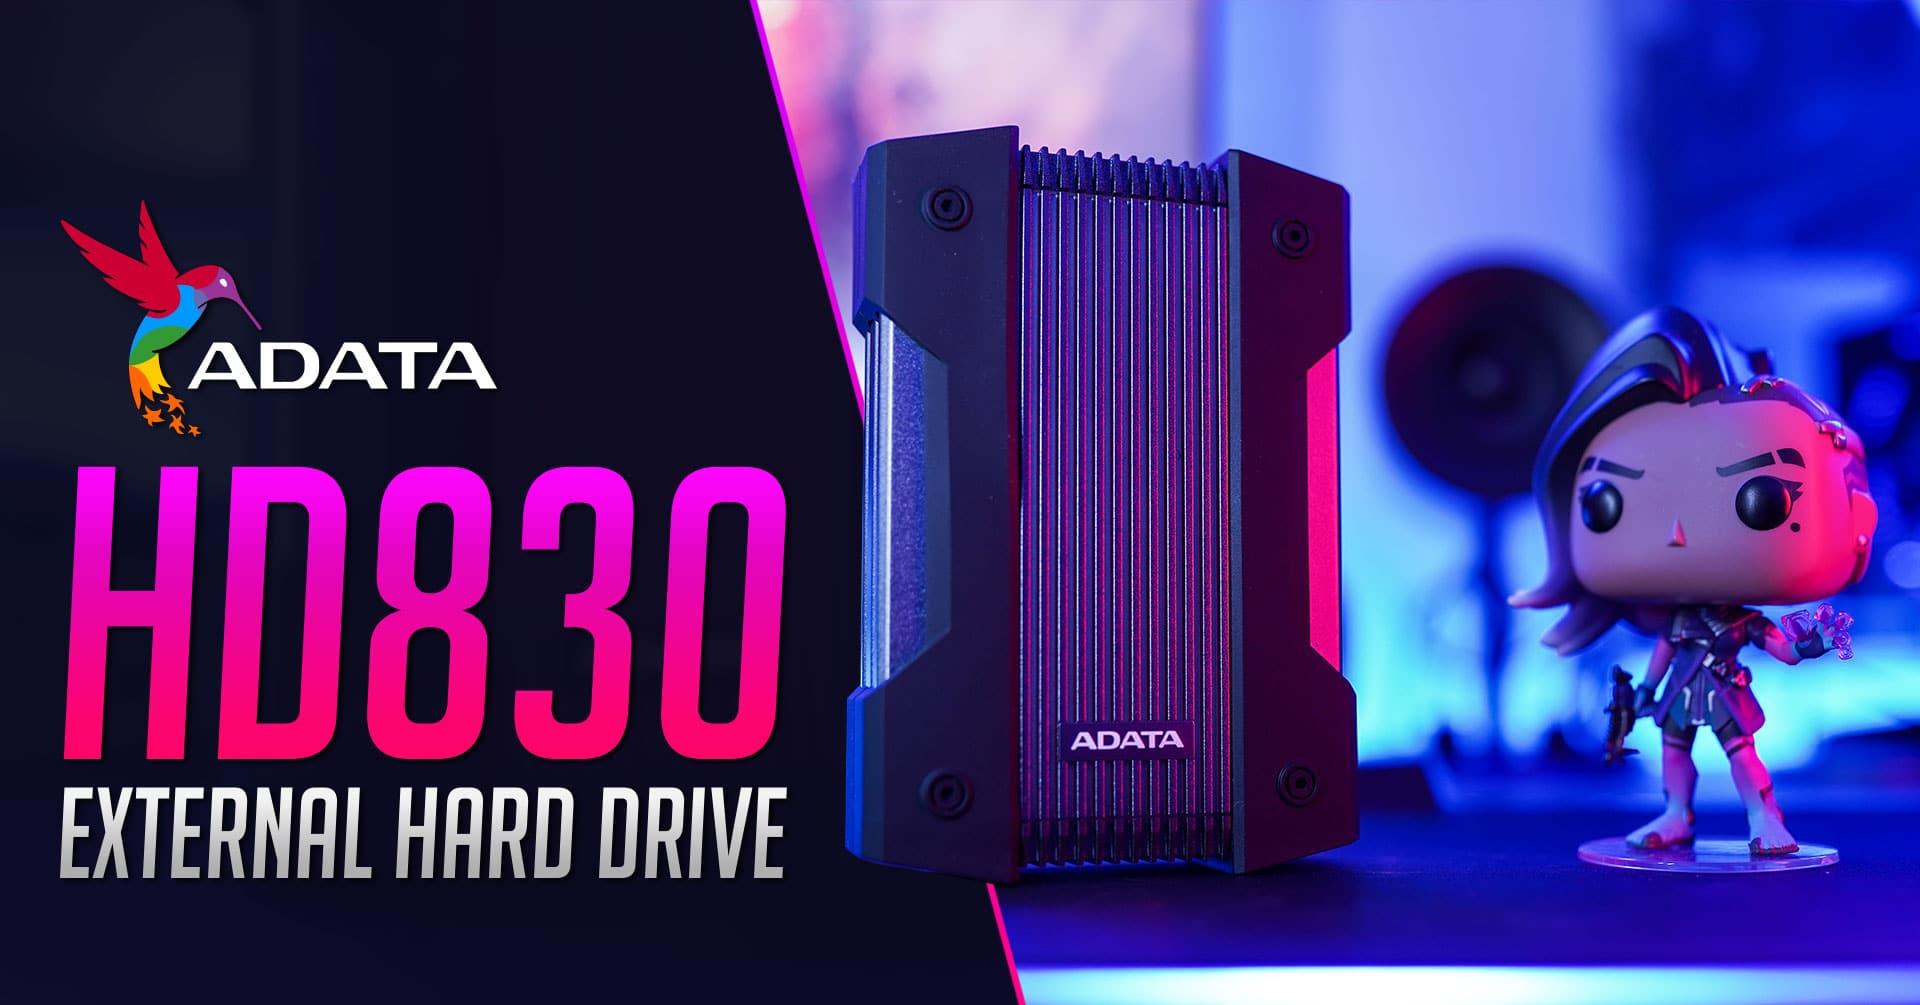 ADATA HD830 External Hard Drive Review